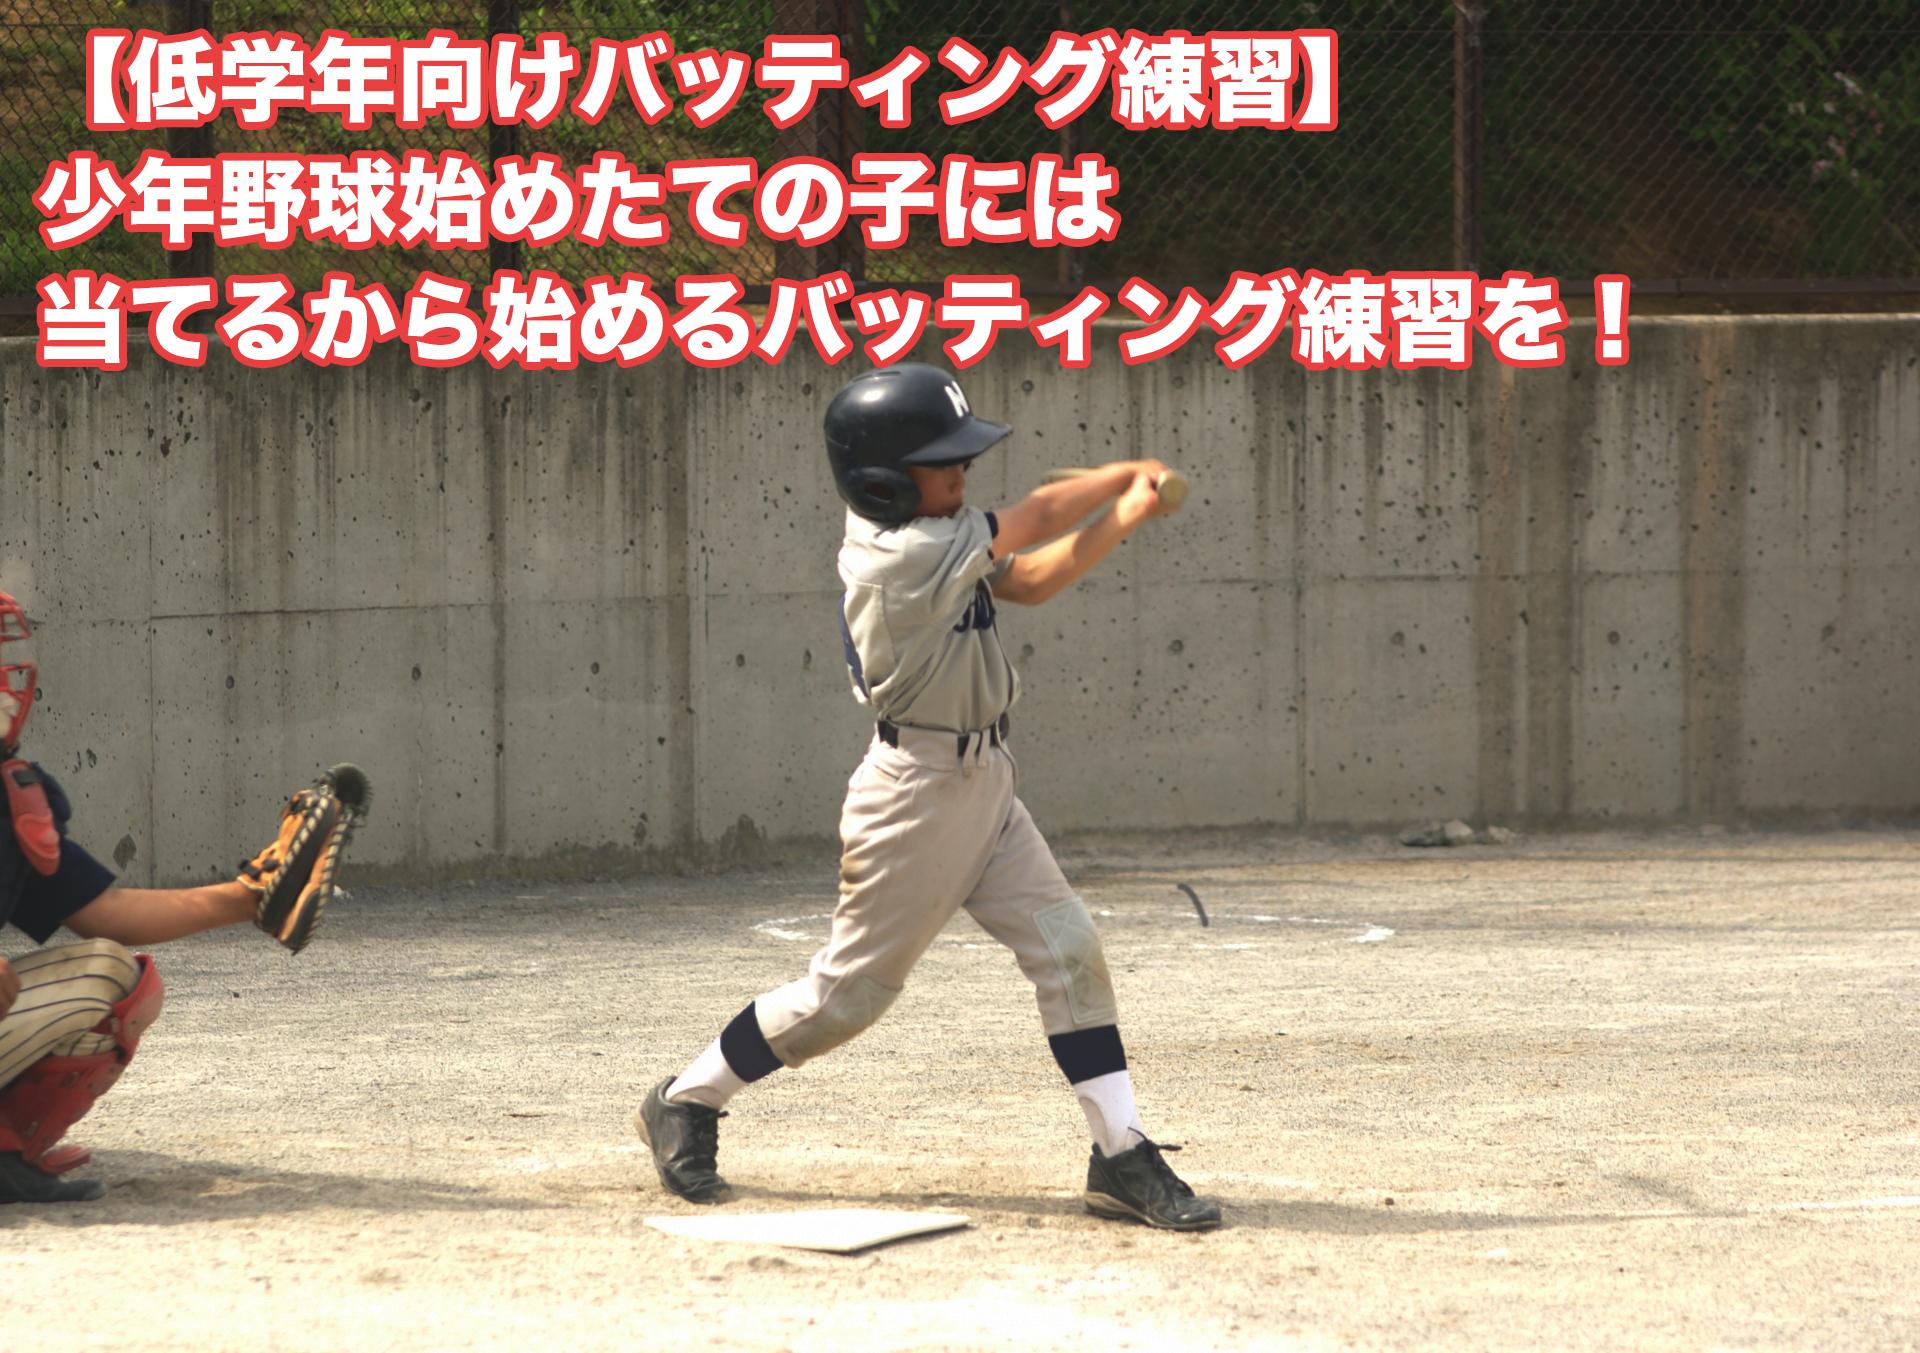 【低学年向けバッティング練習】少年野球始めたての子には当てるから始めるバッティング練習を!